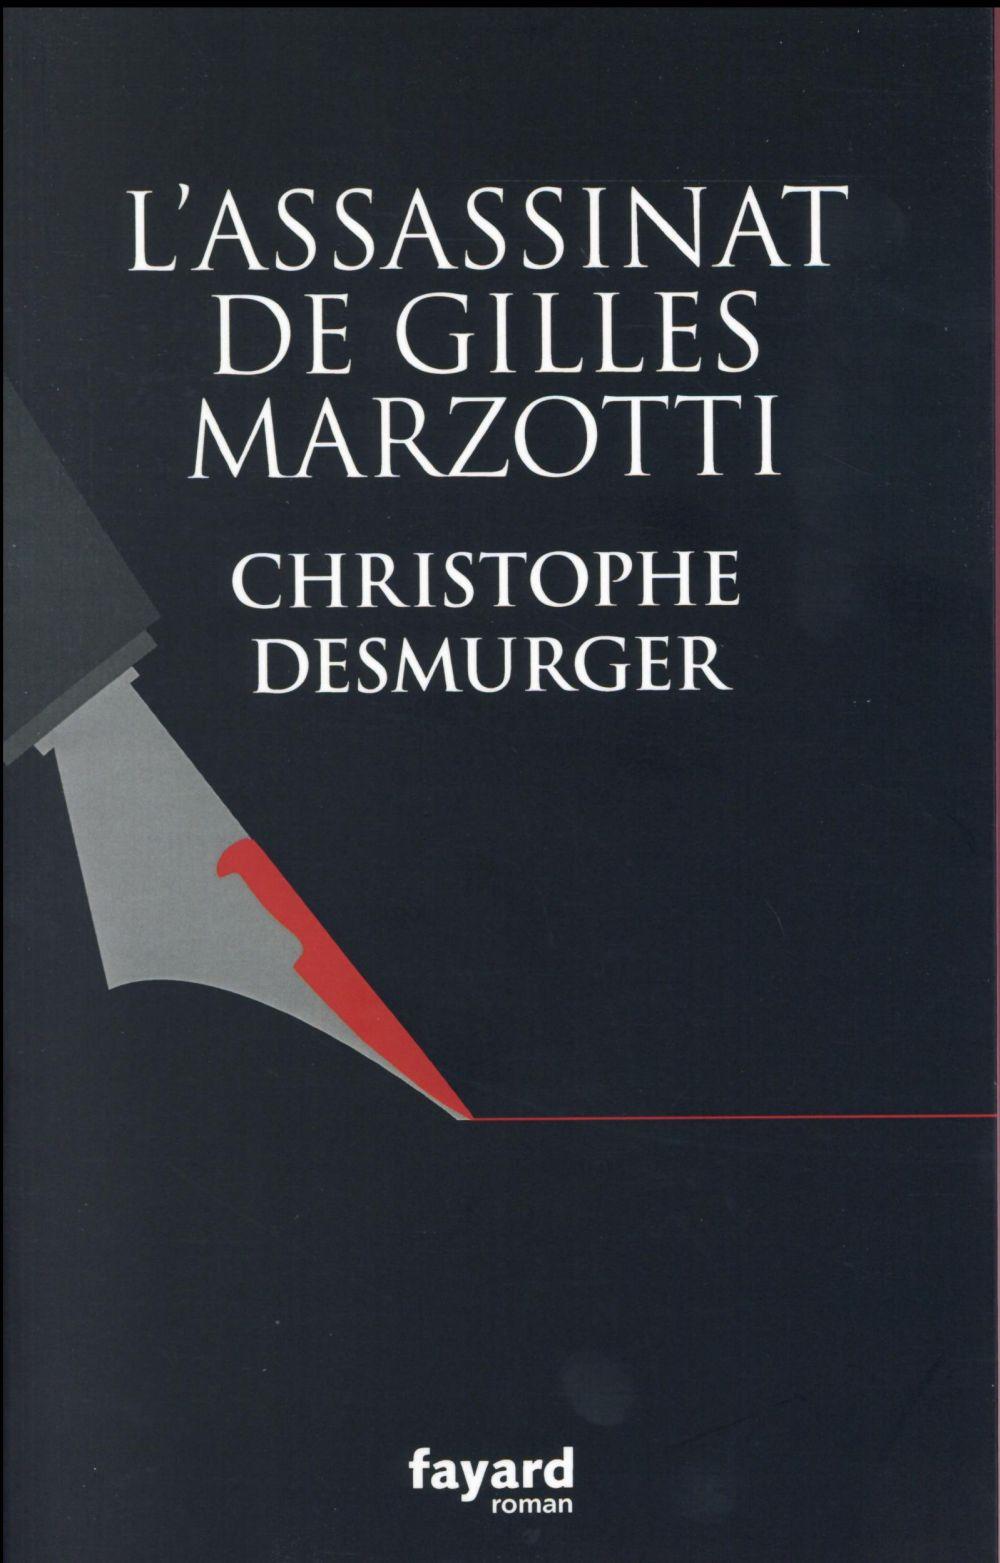 """[Chronique] #53 Club des Explorateurs : Delphine et Sylvie ont lu """"L'assassinat de Gilles Marzotti"""" de Christophe Desmurger"""